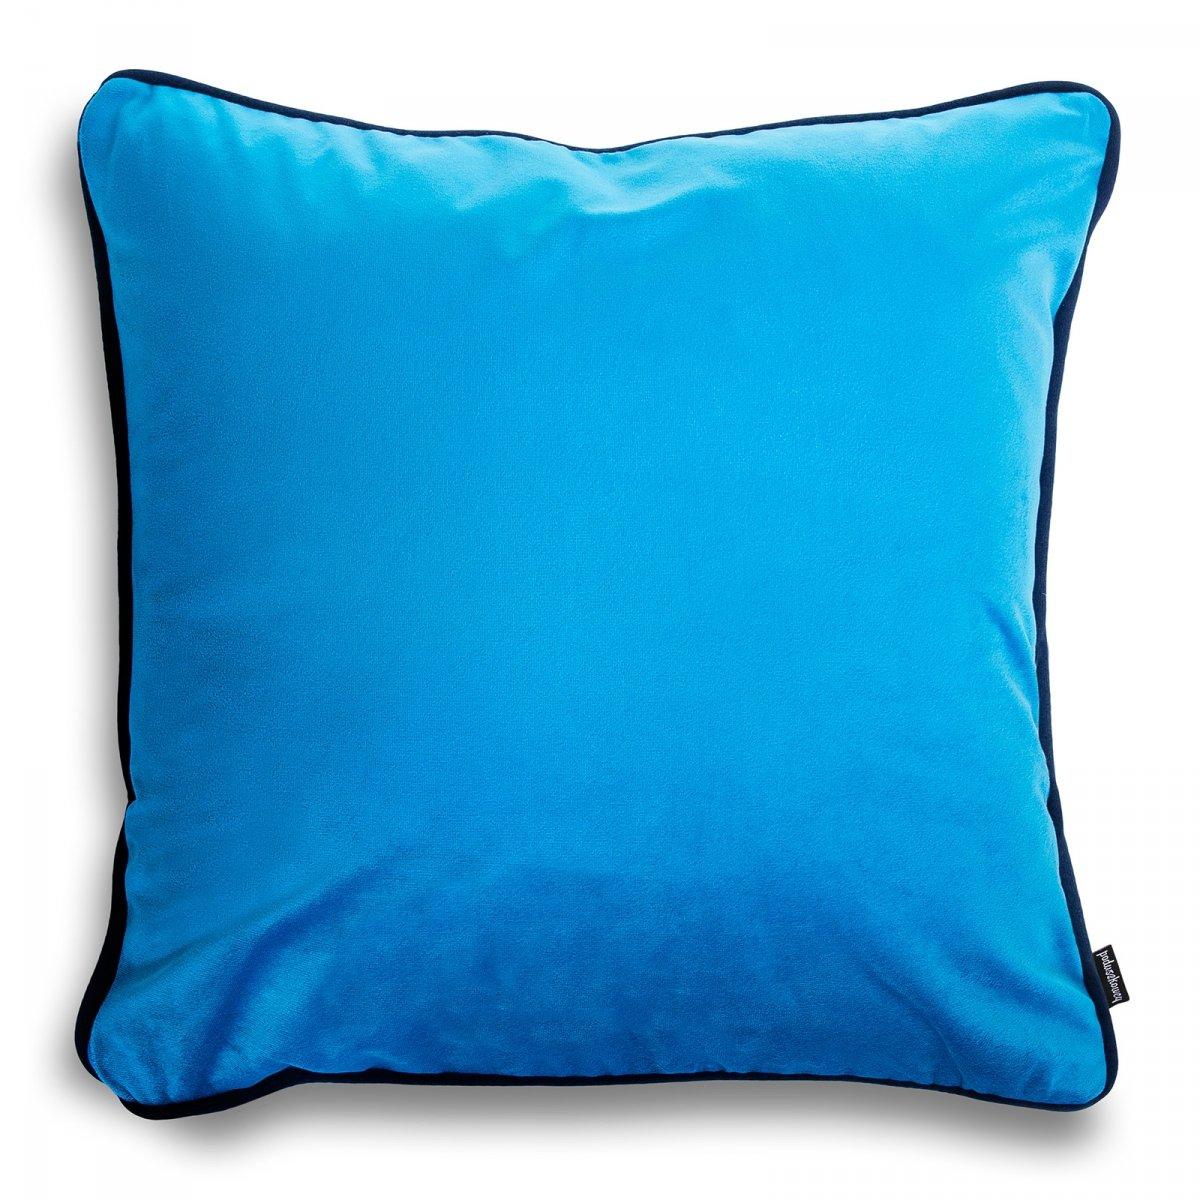 DUO turkusowa poduszka dekoracyjna 40x40